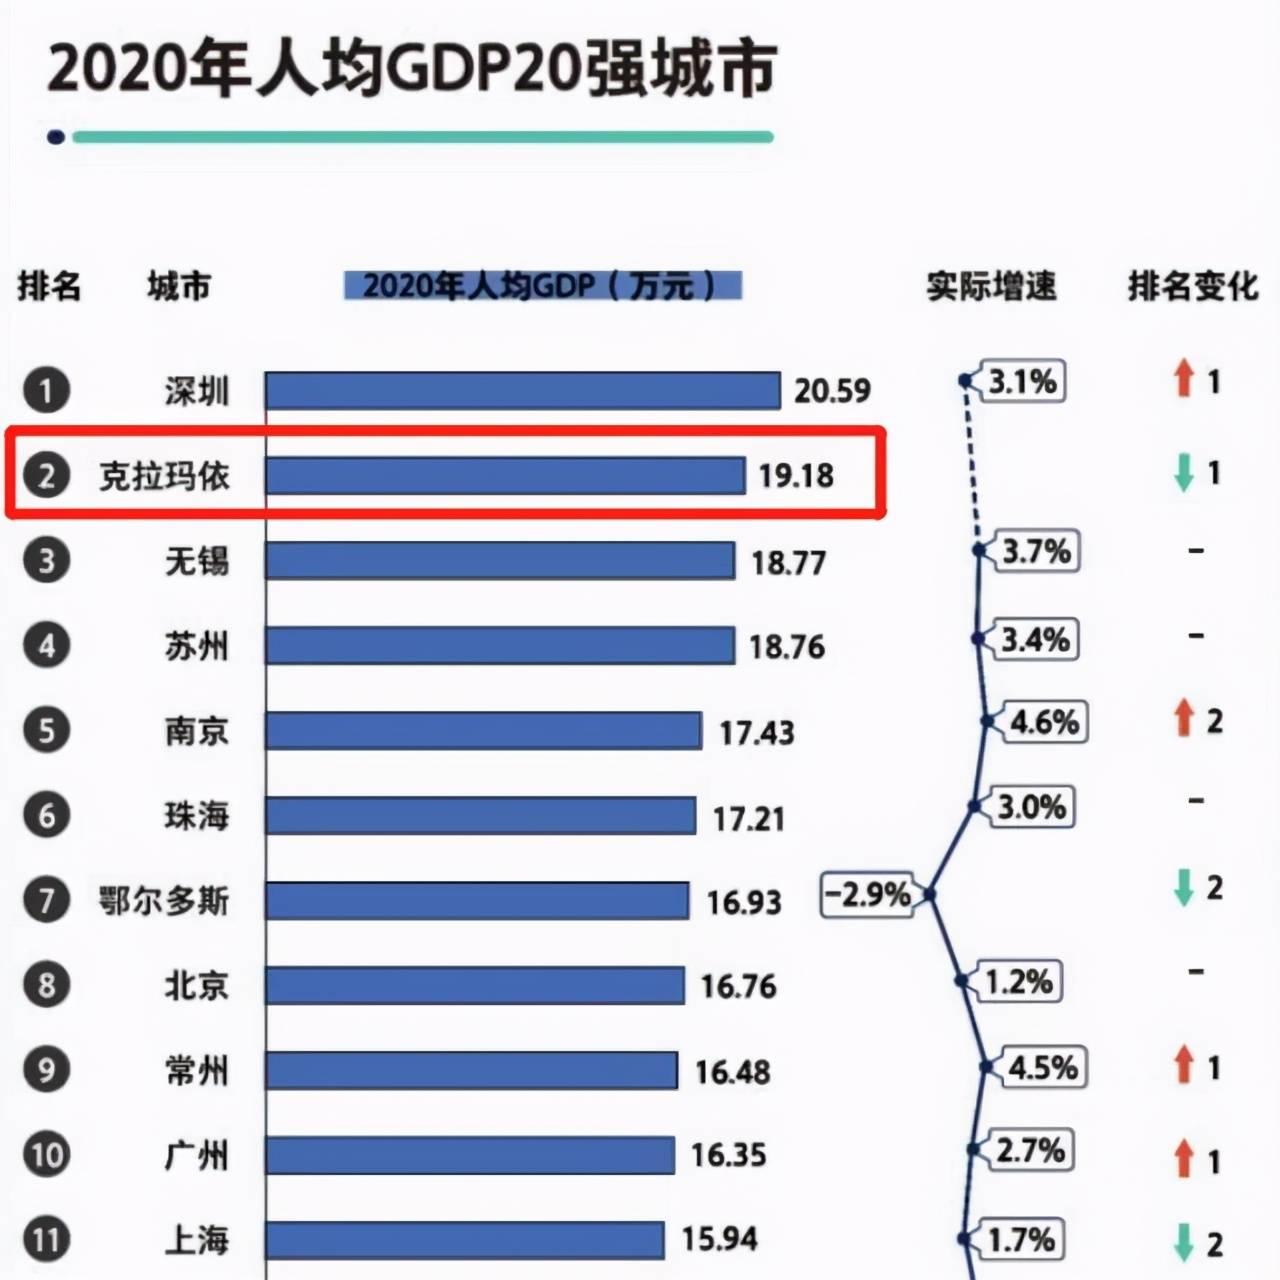 """深圳上海人均gdp_2021各城GDP排名公布:深圳从第一跌至第五,江苏成最大""""黑马"""""""